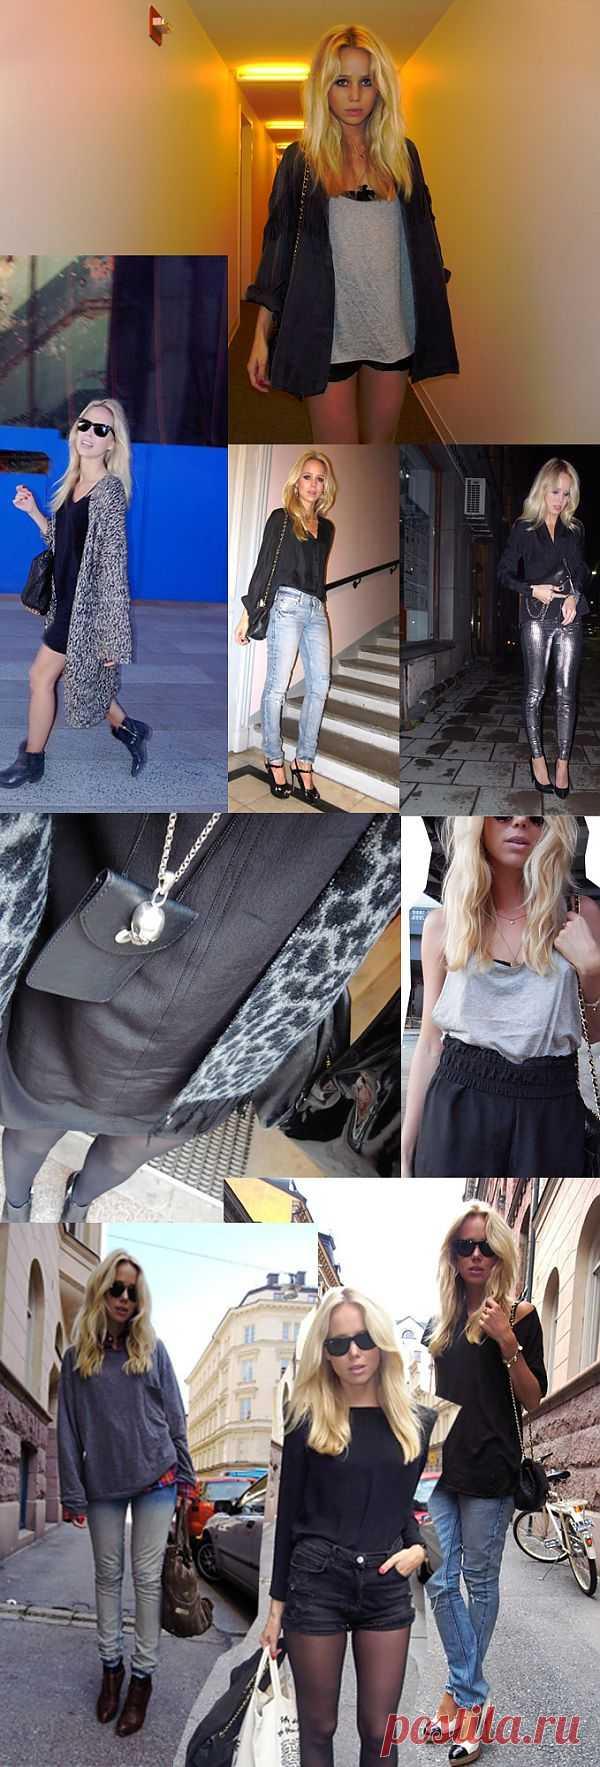 наши люди / Fashion блоги / Модный сайт о стильной переделке одежды и интерьера